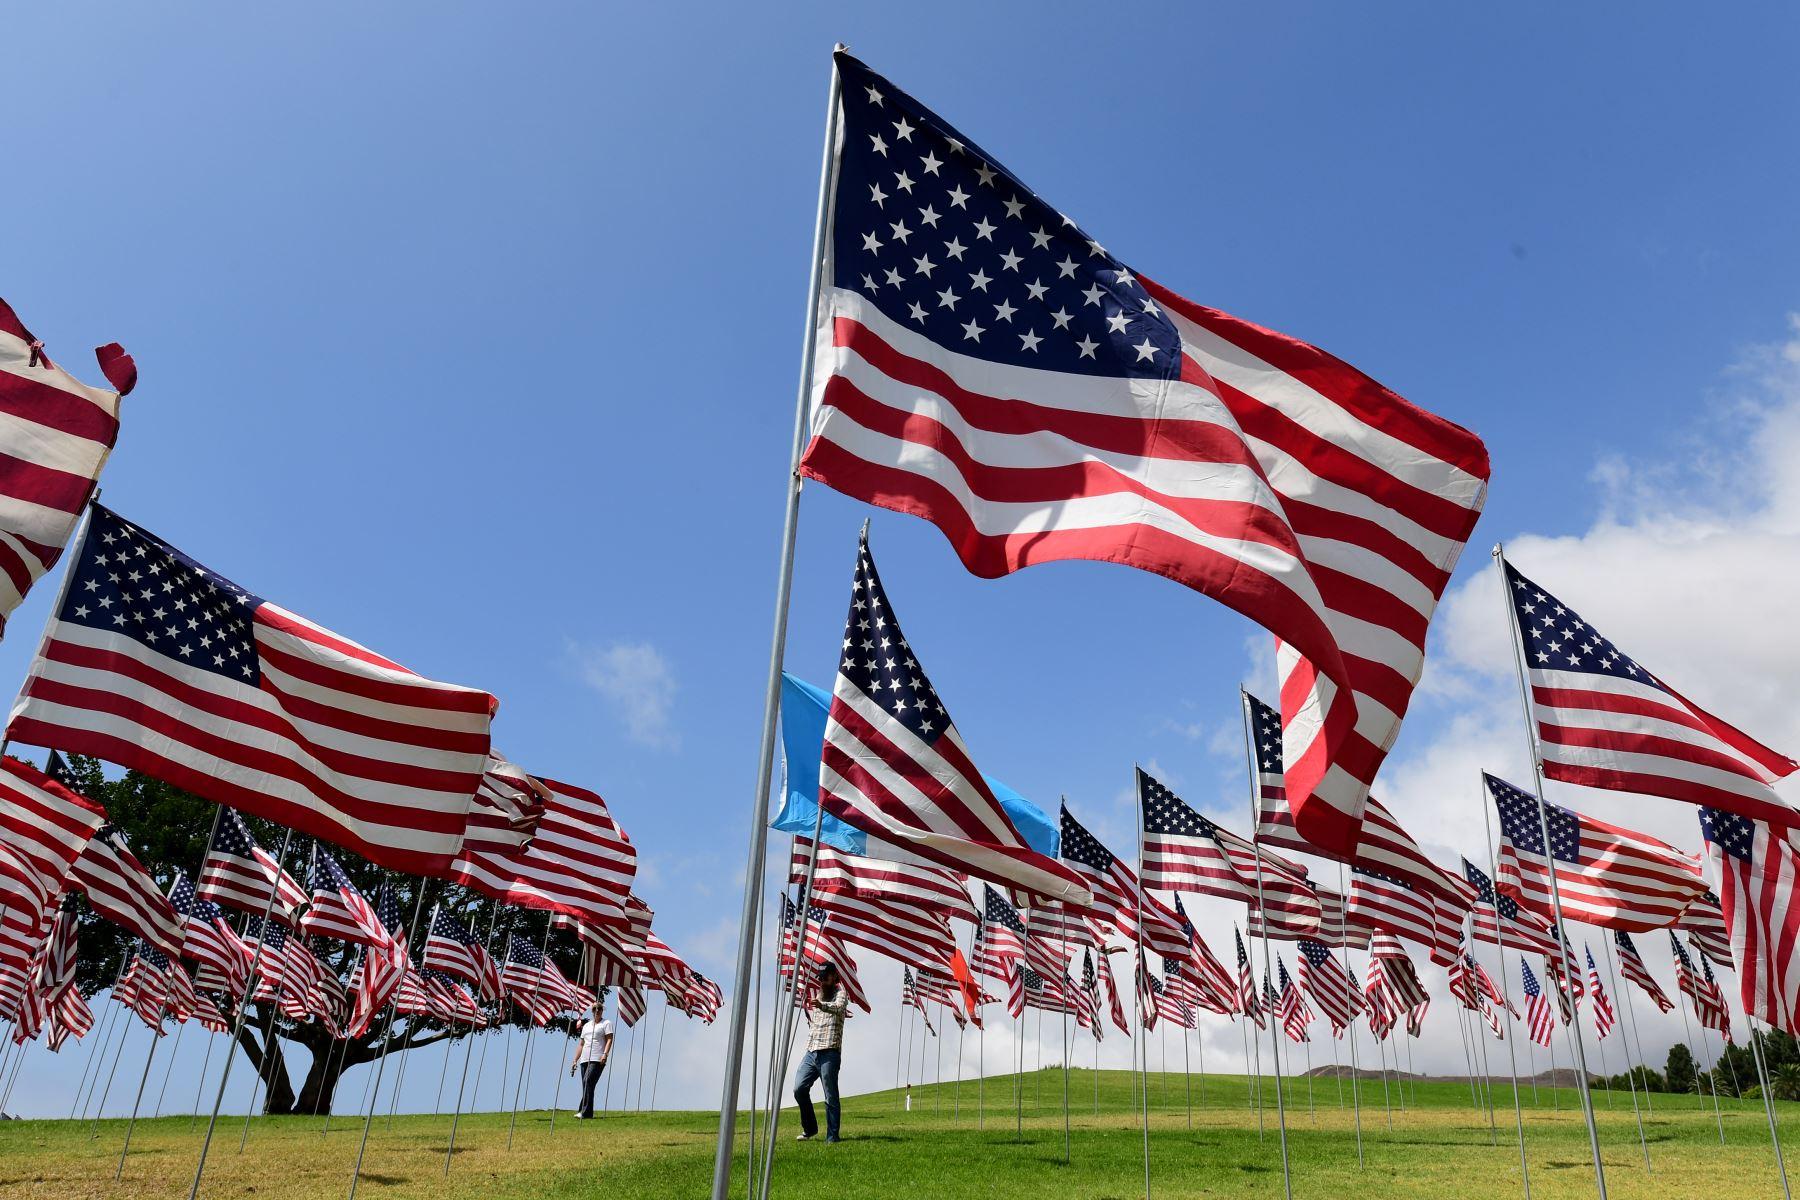 La gente visita la exhibición de la Onda de Banderas de Pepperdine en la Universidad de Pepperdine en Malibú, California, conmemorando a los que murieron en los ataques del 11 de septiembre de 2001 con 2,977 banderas.  Foto :AFP